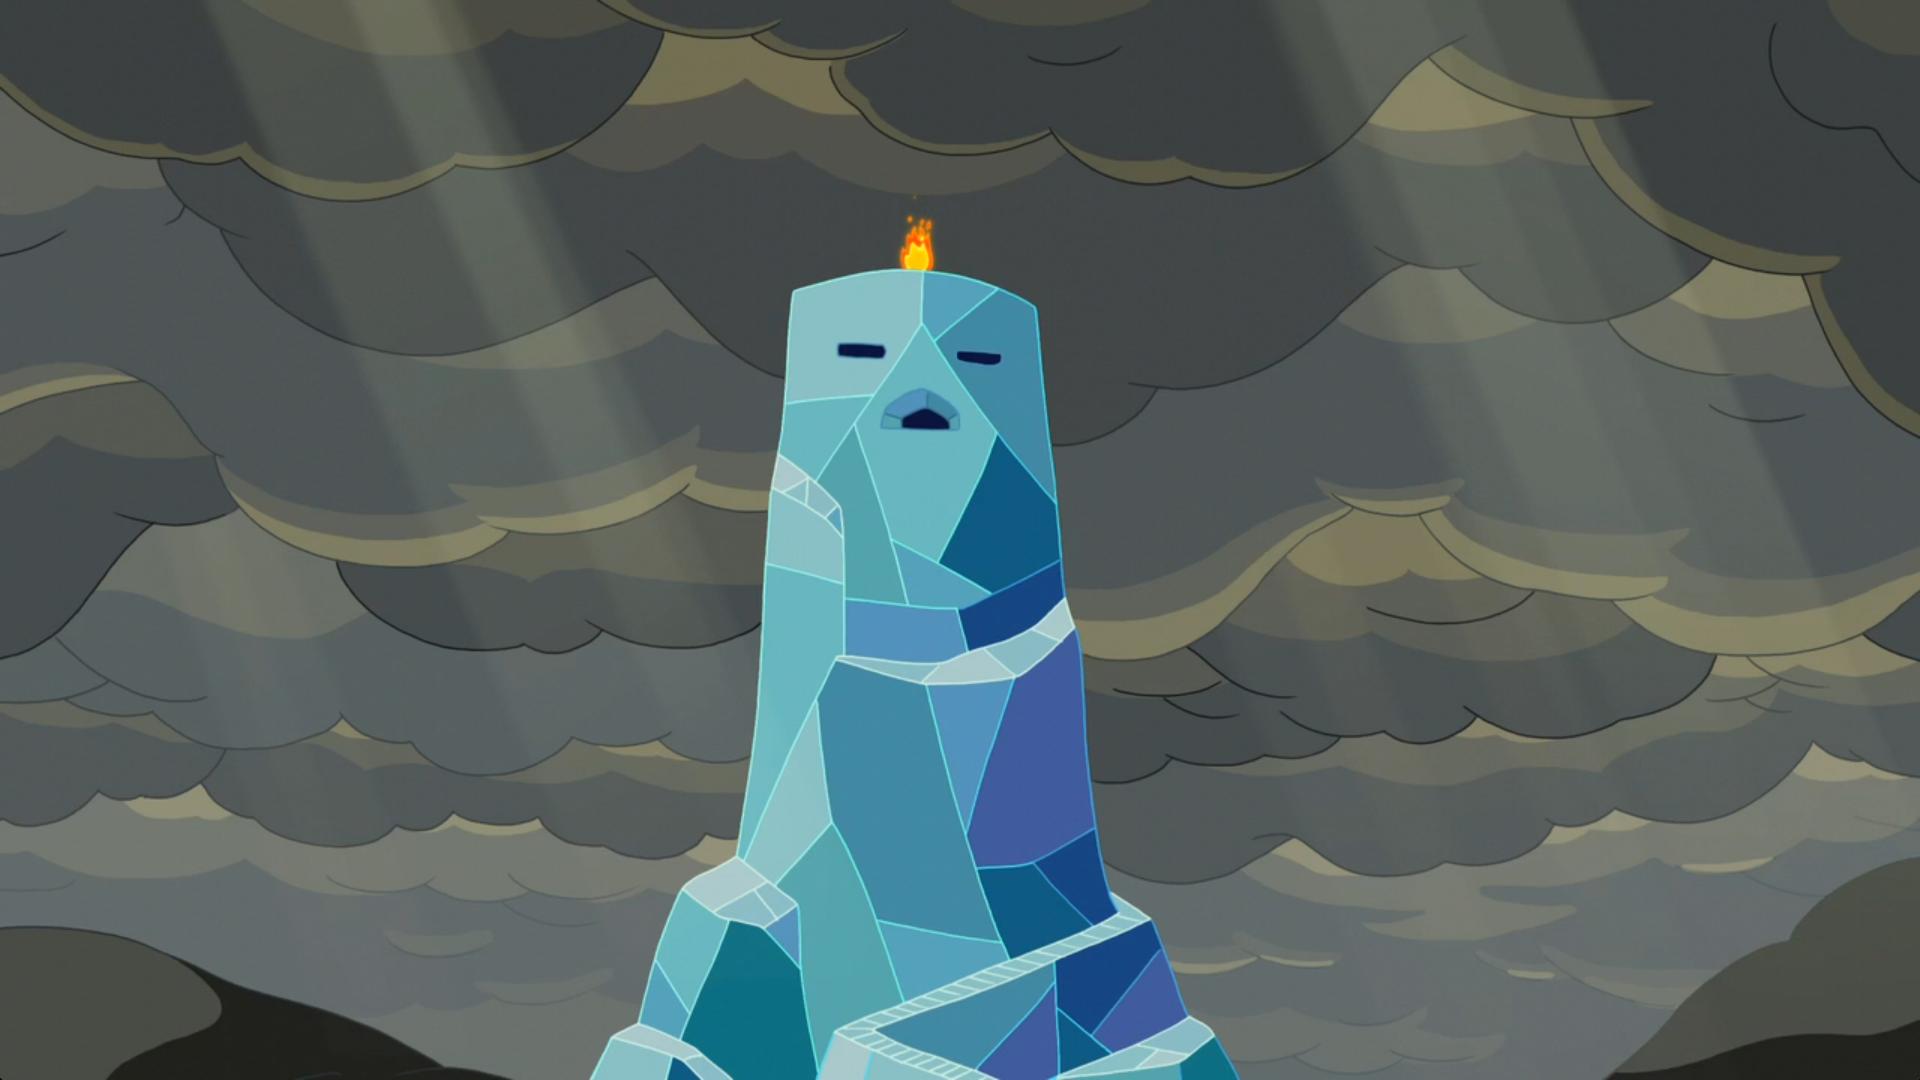 Torre de Evergreen